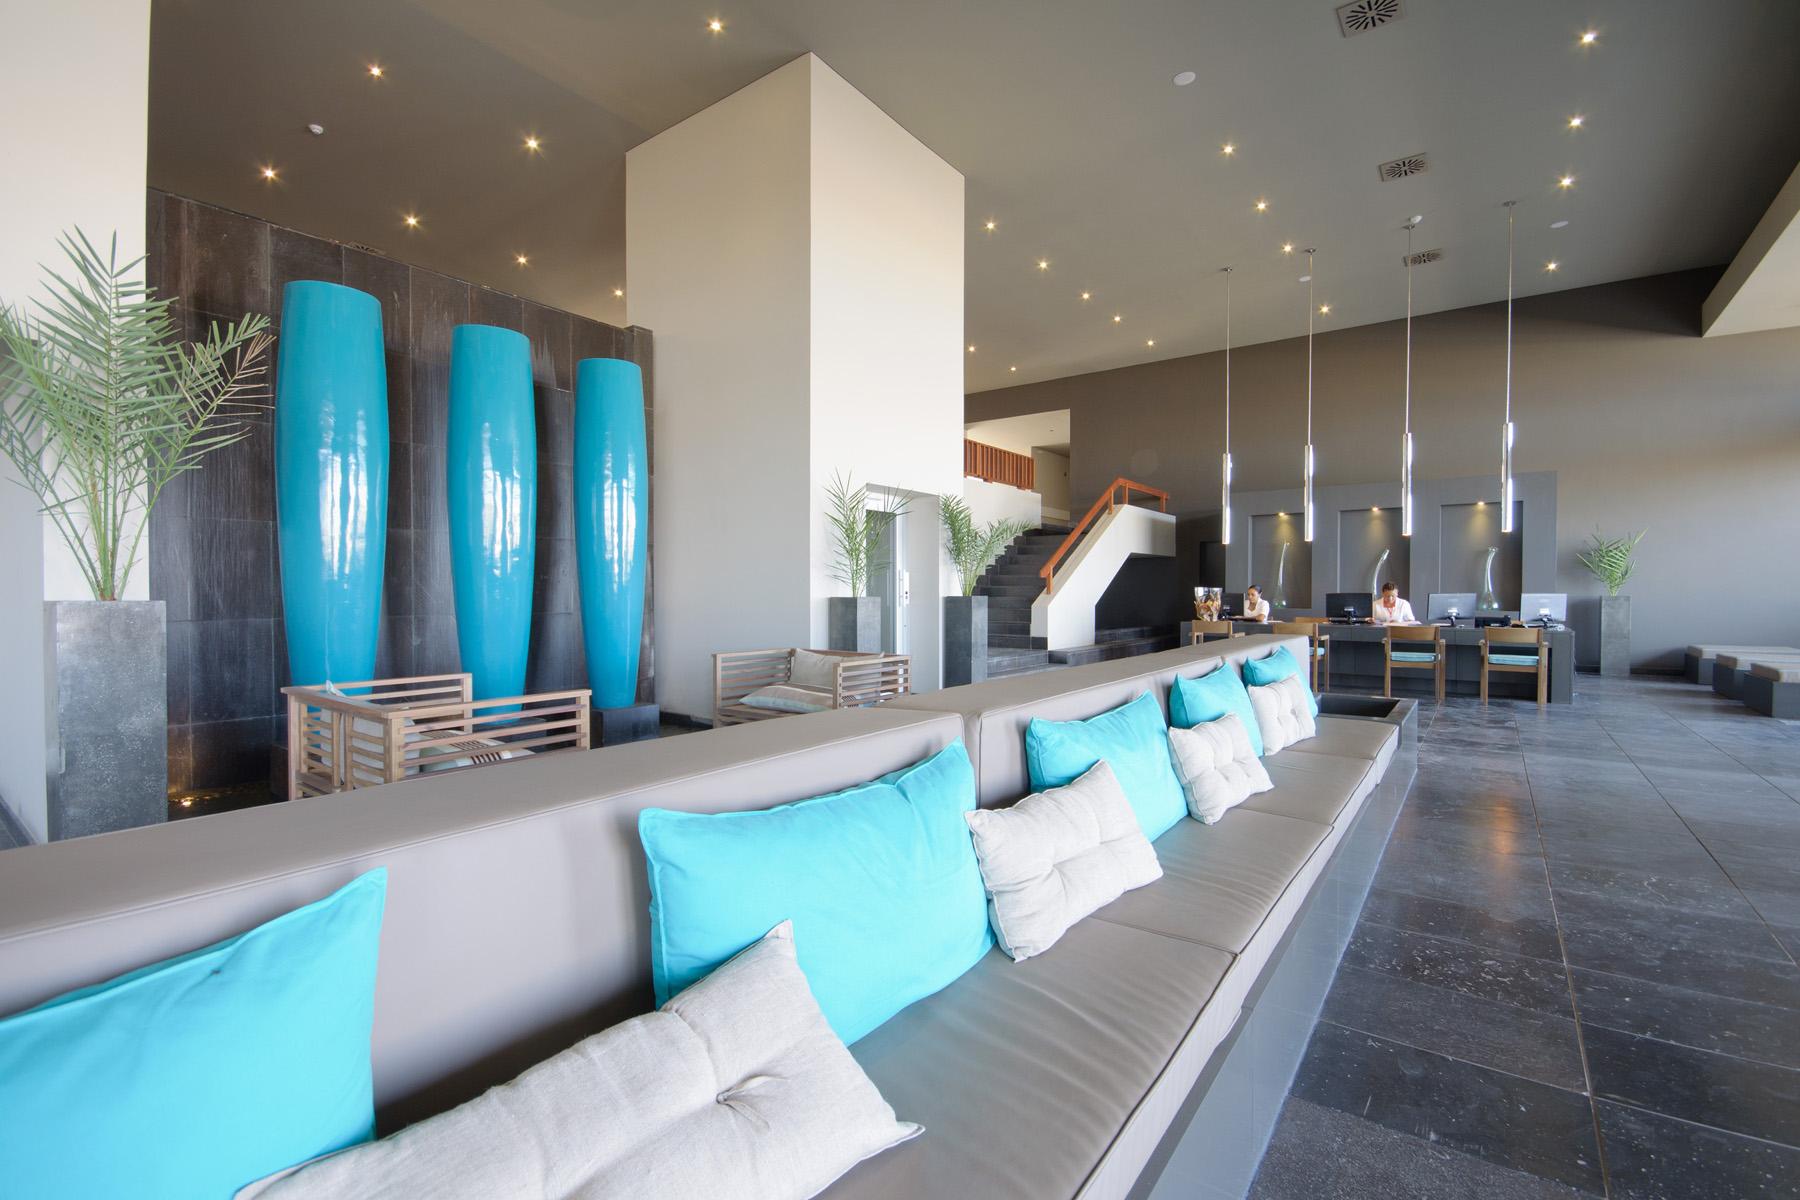 oasis-salinas-hotel 4055